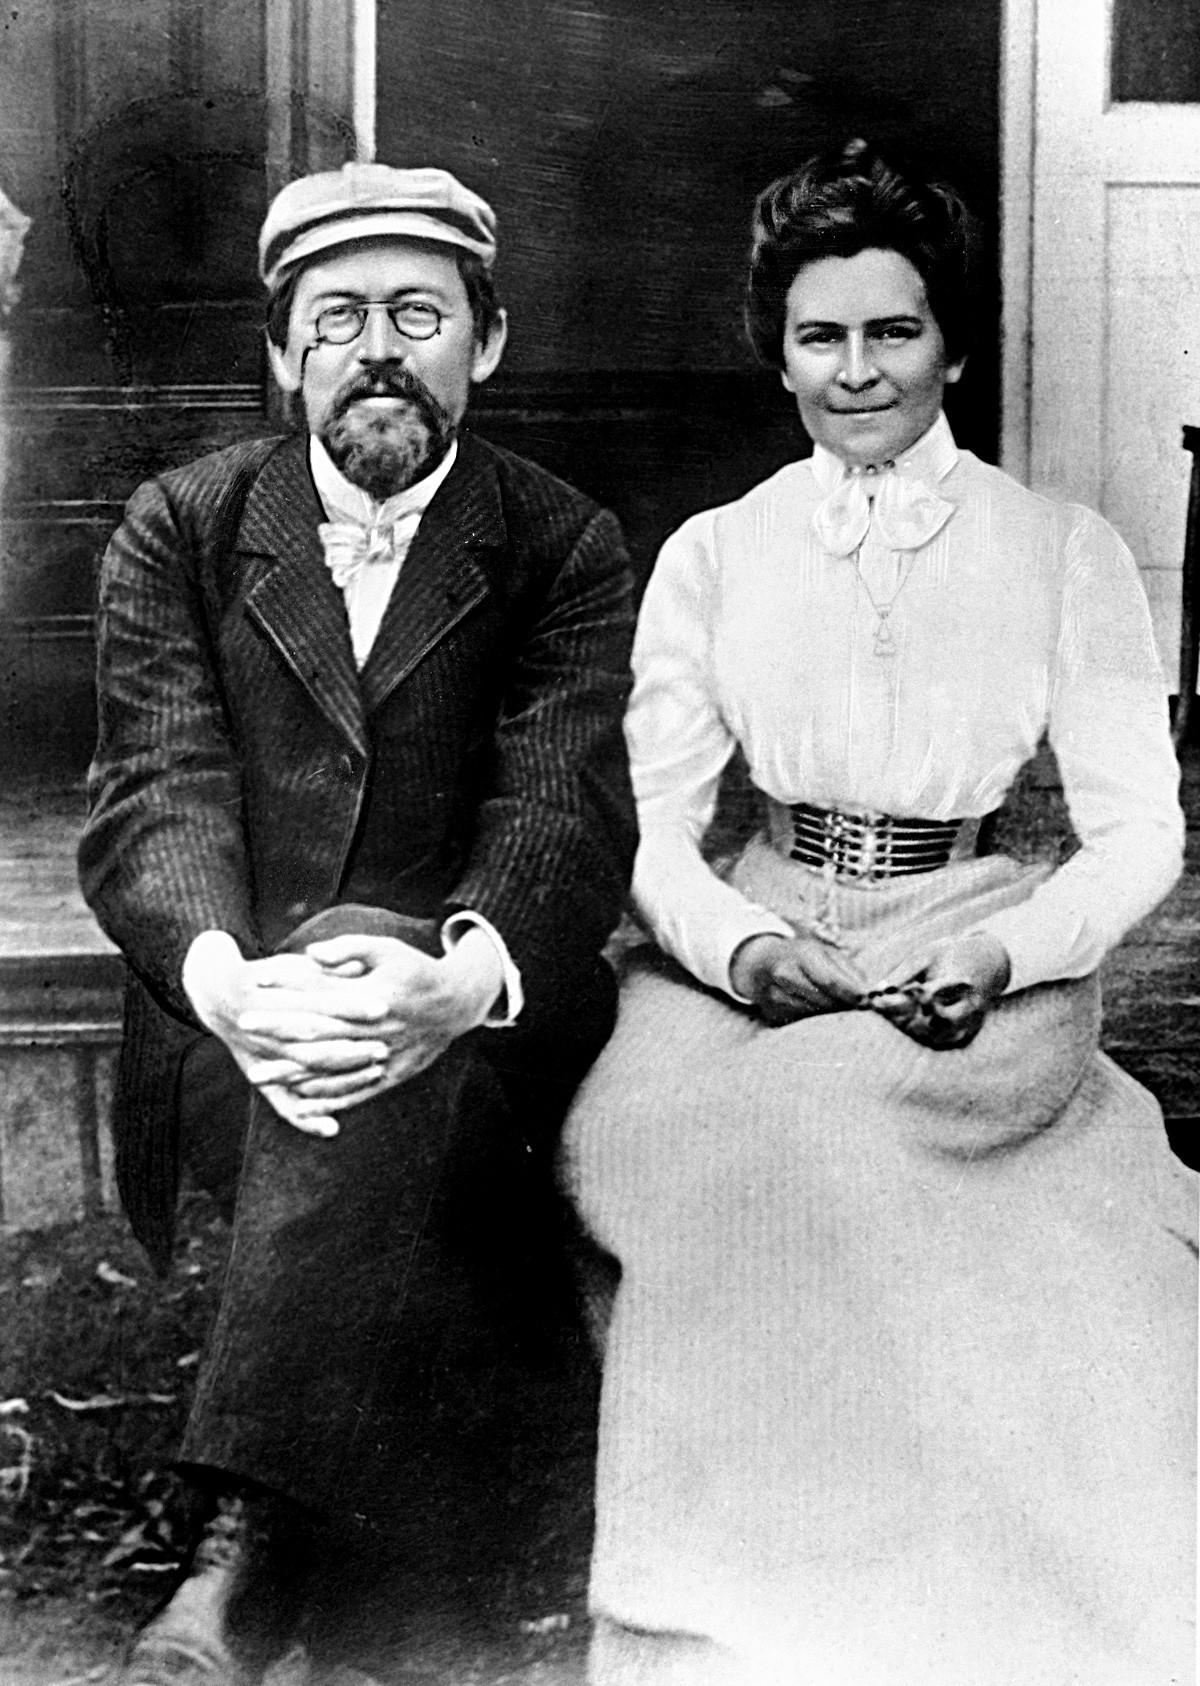 Репродукција фотографије руског писца Антона Чехова и његове жене, глумице Олге Книпер-Чехове.